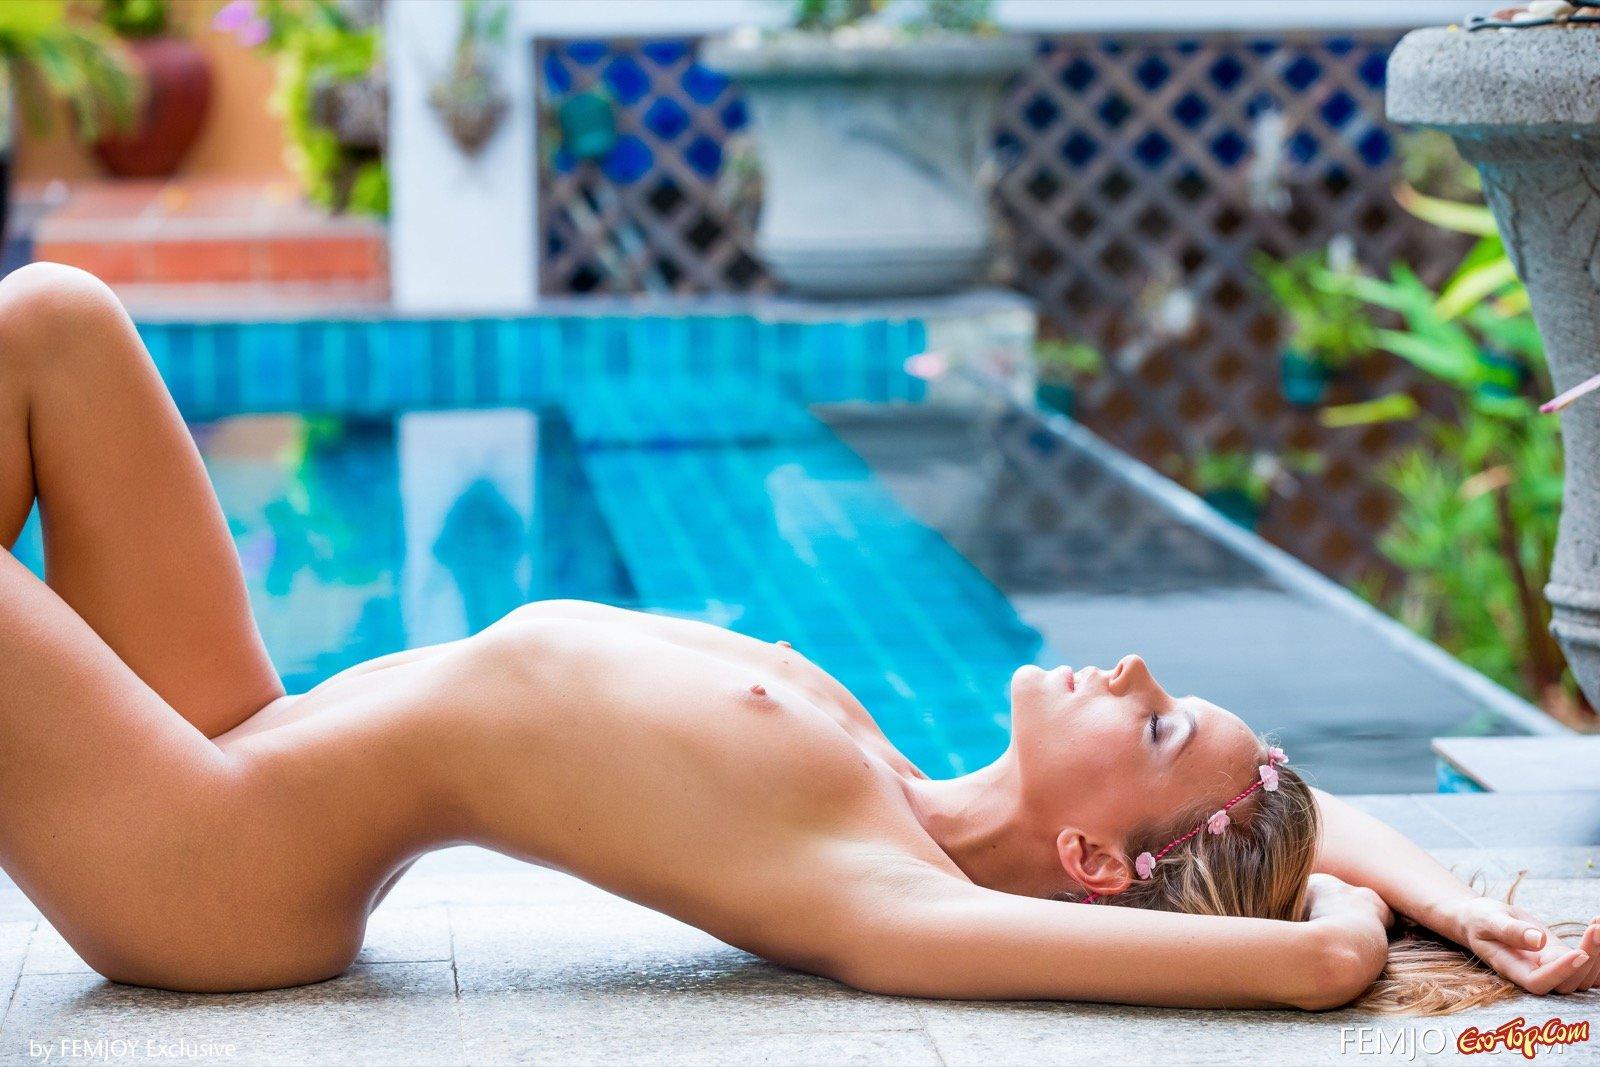 Обнаженная худышка с небольшими дойками у бассейна